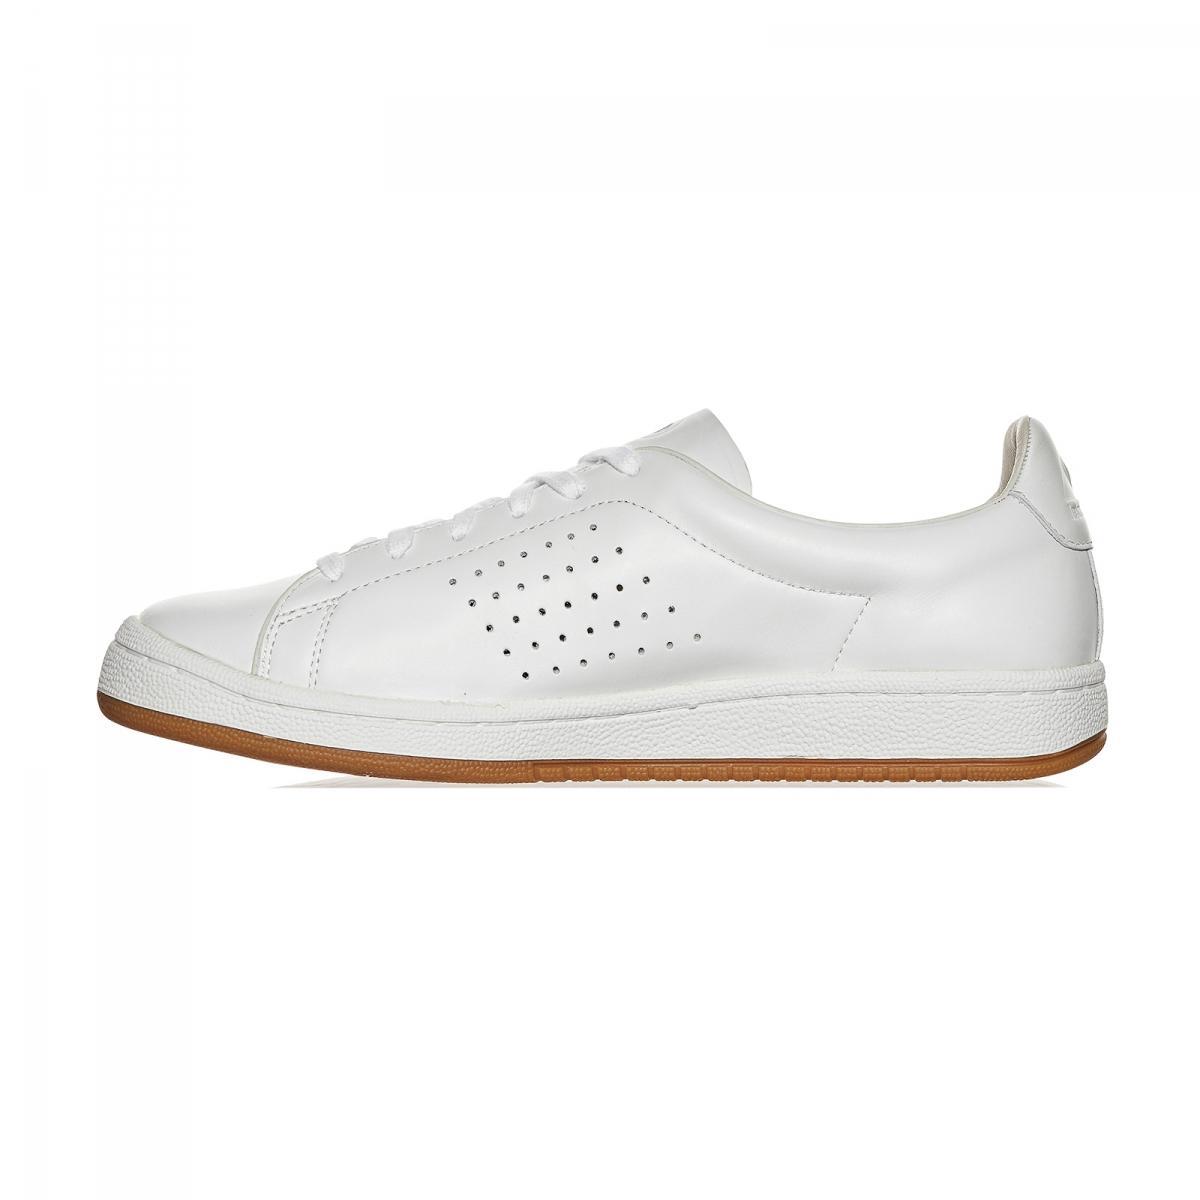 Le Coq Sportif Ashe Prestige Leather Aerotop Sneakers in White